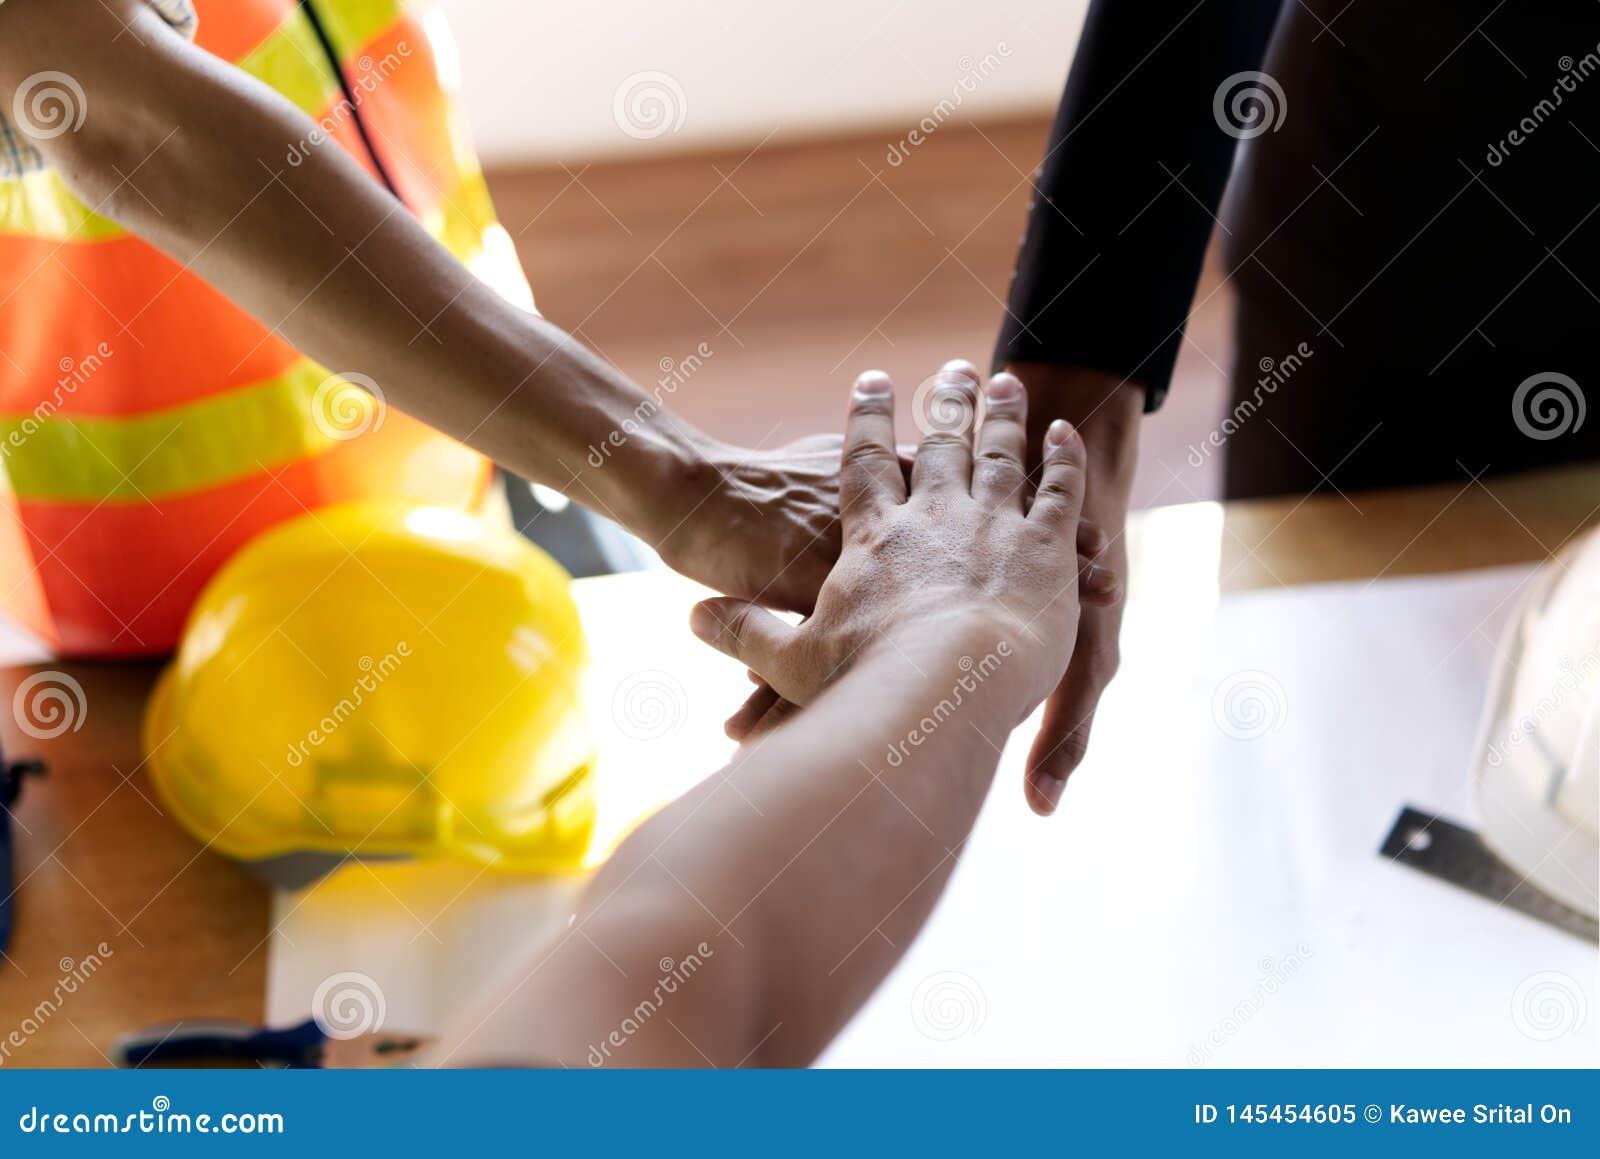 Poder de la cooperación y del buen trabajo en equipo en el negocio de construcción Para tener éxito la meta y las sociedades s